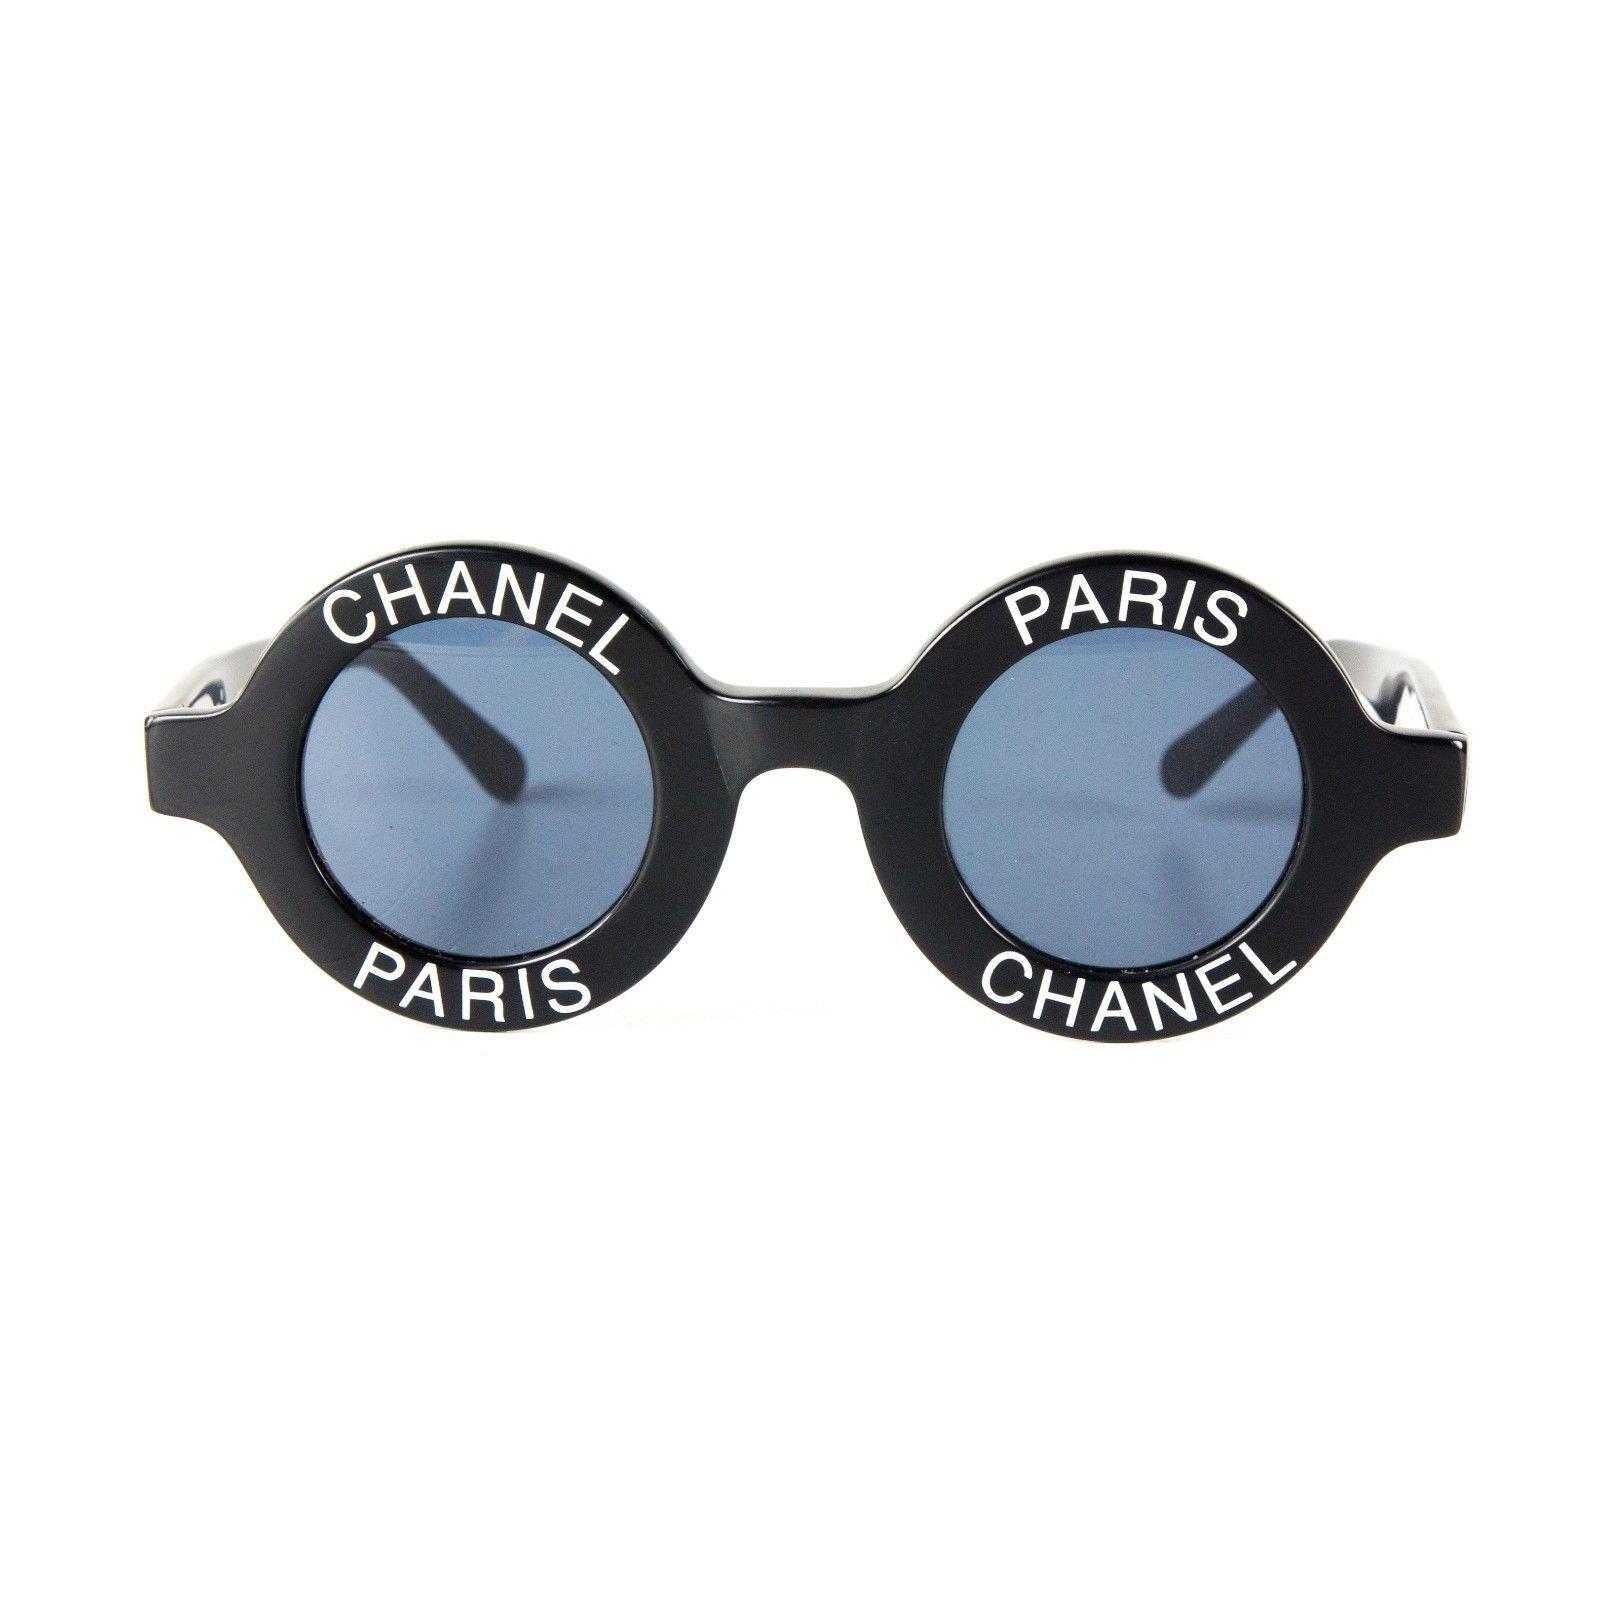 lunettes chanel chanel lunettes de soleil rondes vintage logo autre autre joli closet. Black Bedroom Furniture Sets. Home Design Ideas